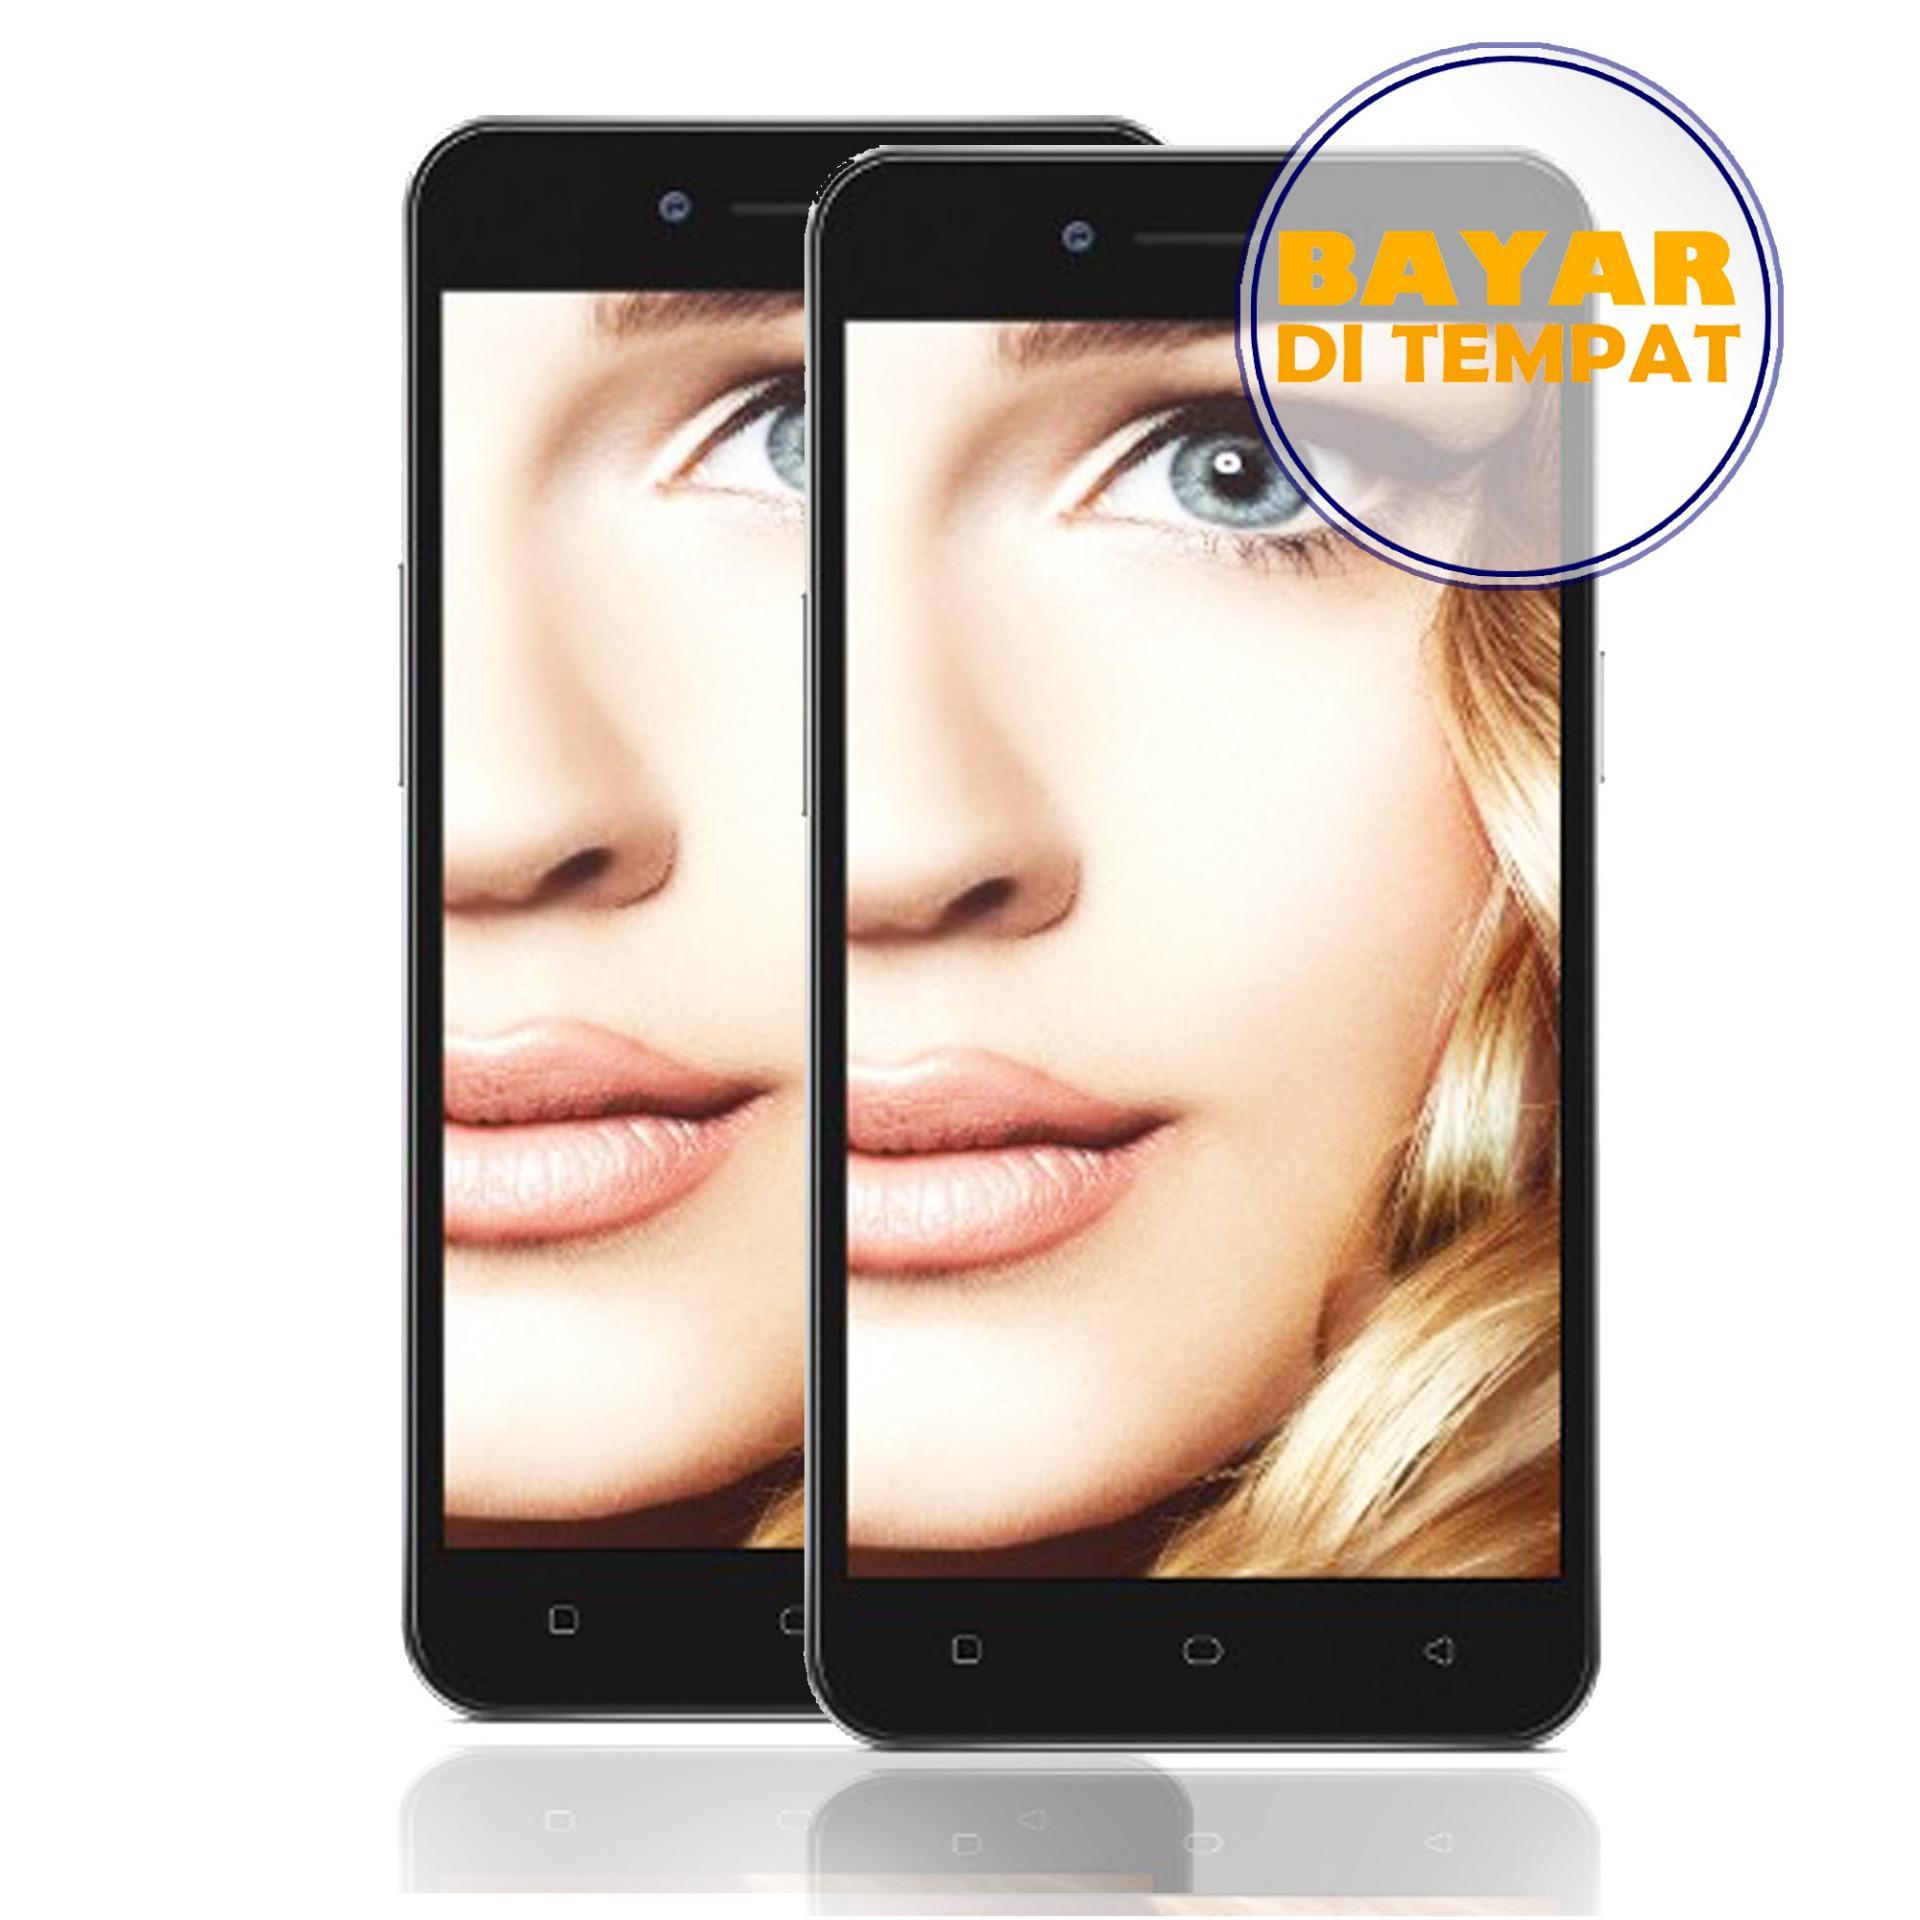 Produk Yang Direkomendasikan Terkait Oppo A83 3 32 GB Black Garansi Resmi Bonus Perlengkapan Sholat Pria Bisa Kredit Tanpa Kartu